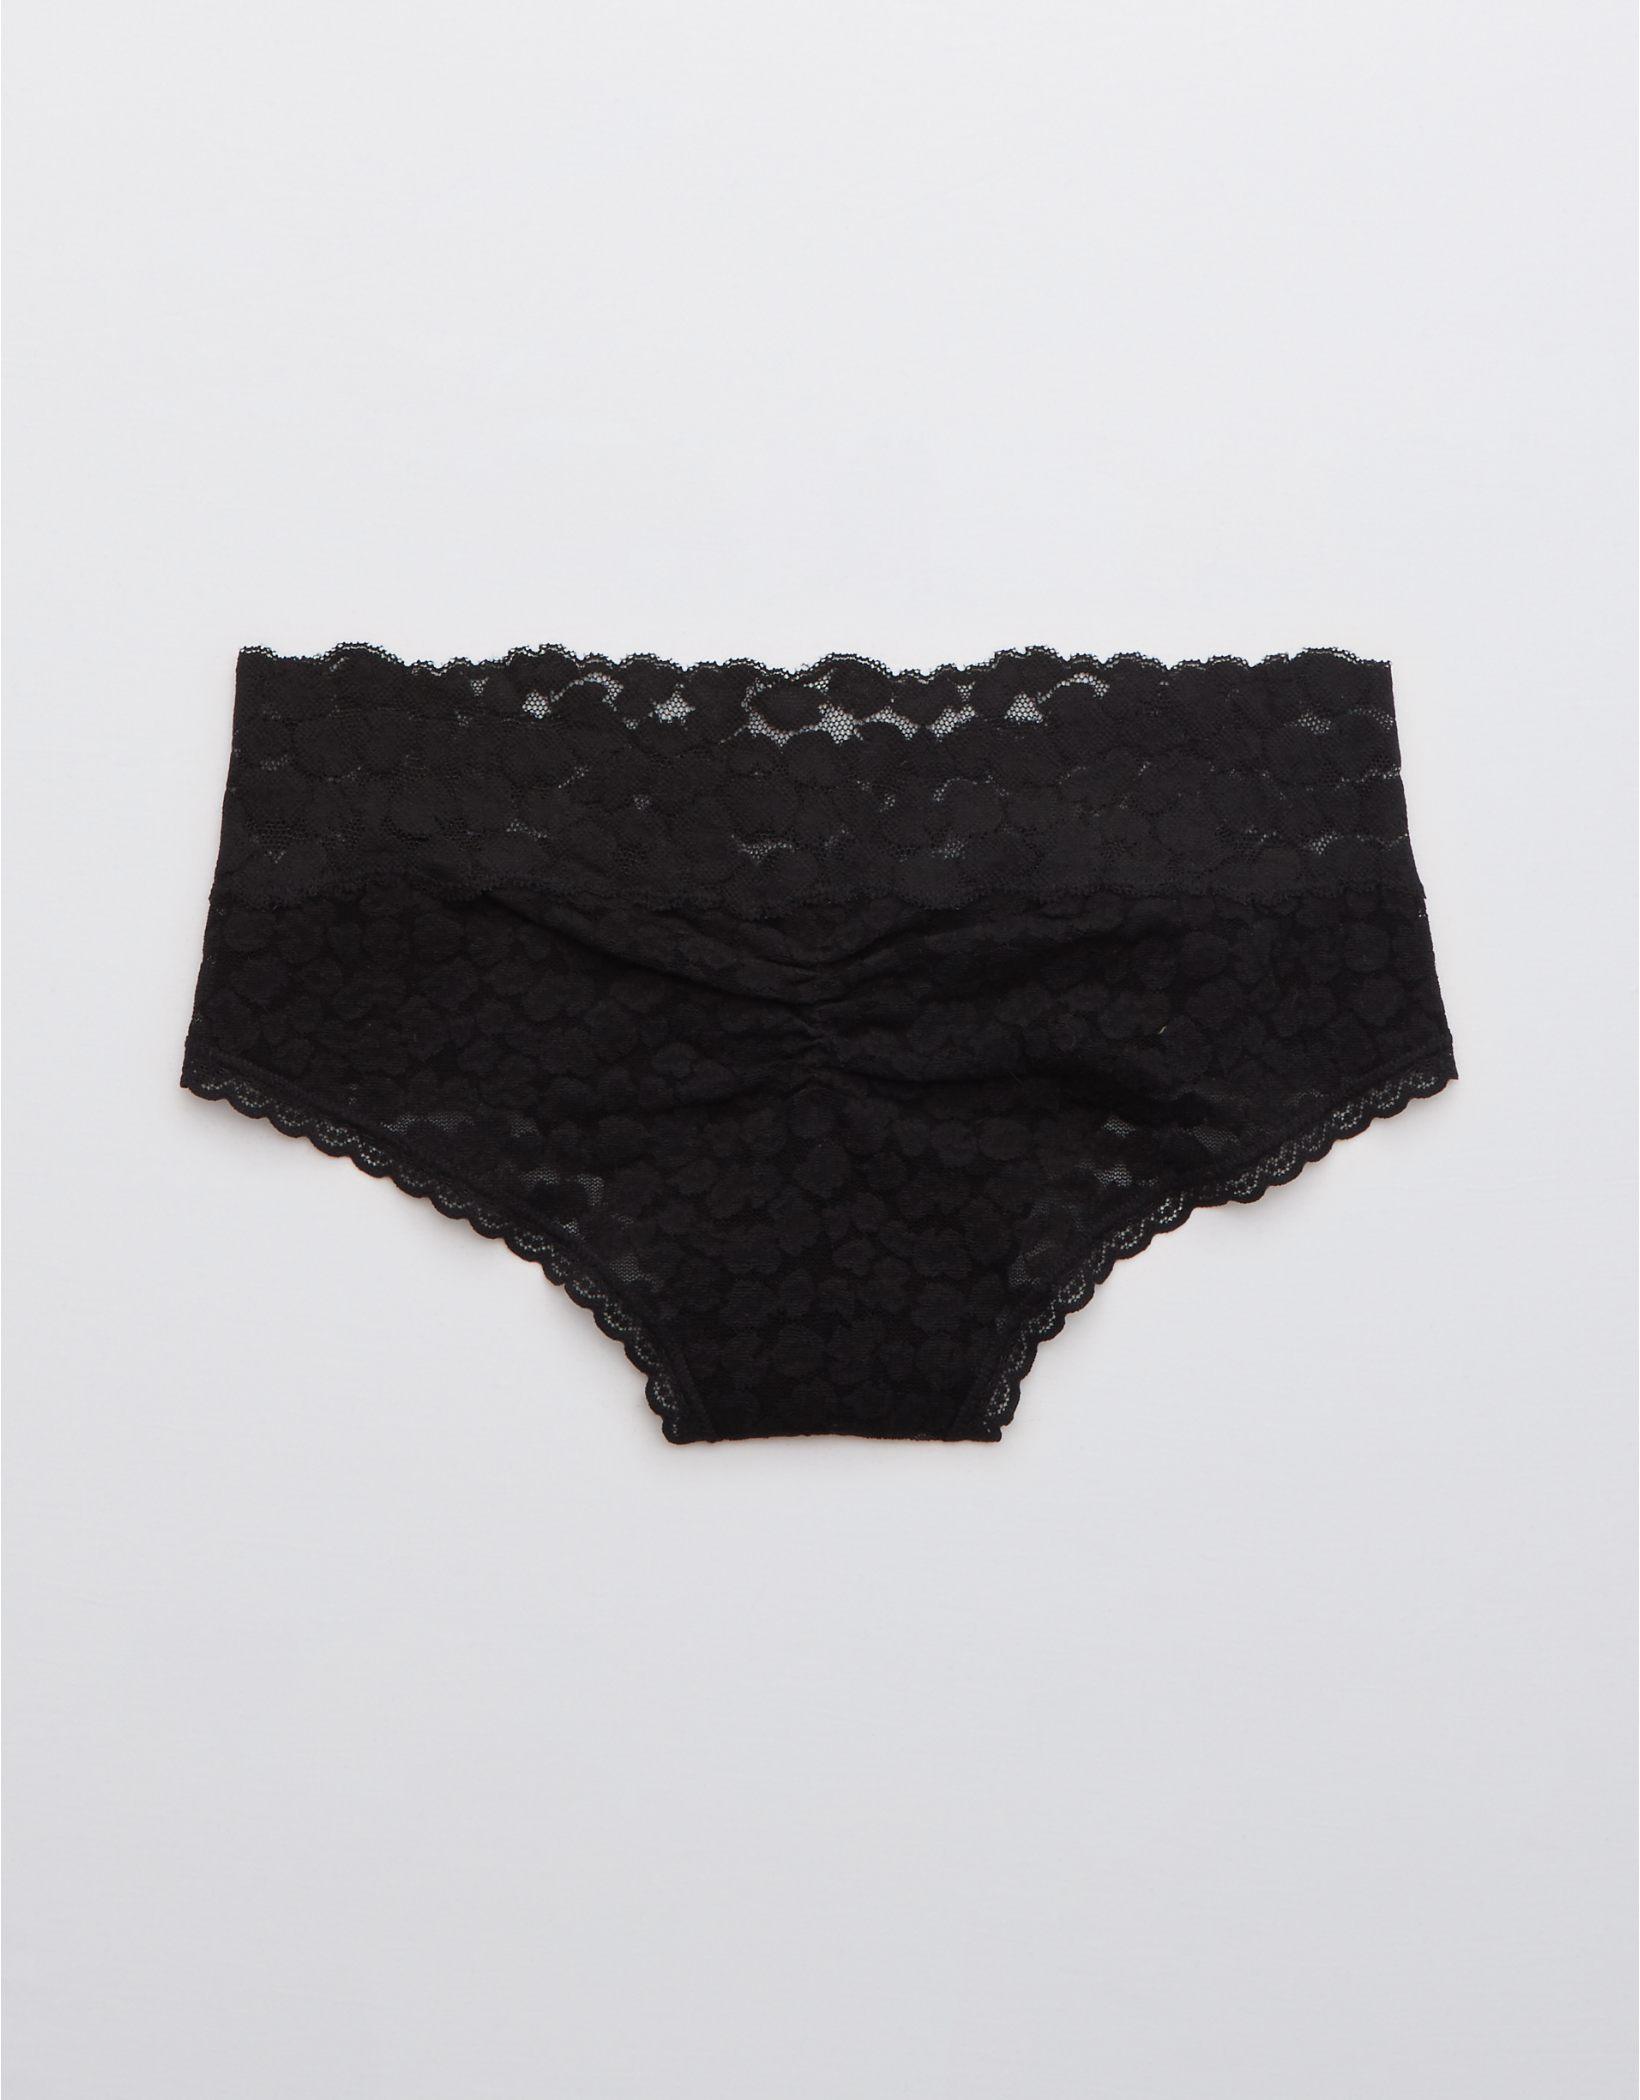 Aerie Animal Lace Cheeky Underwear